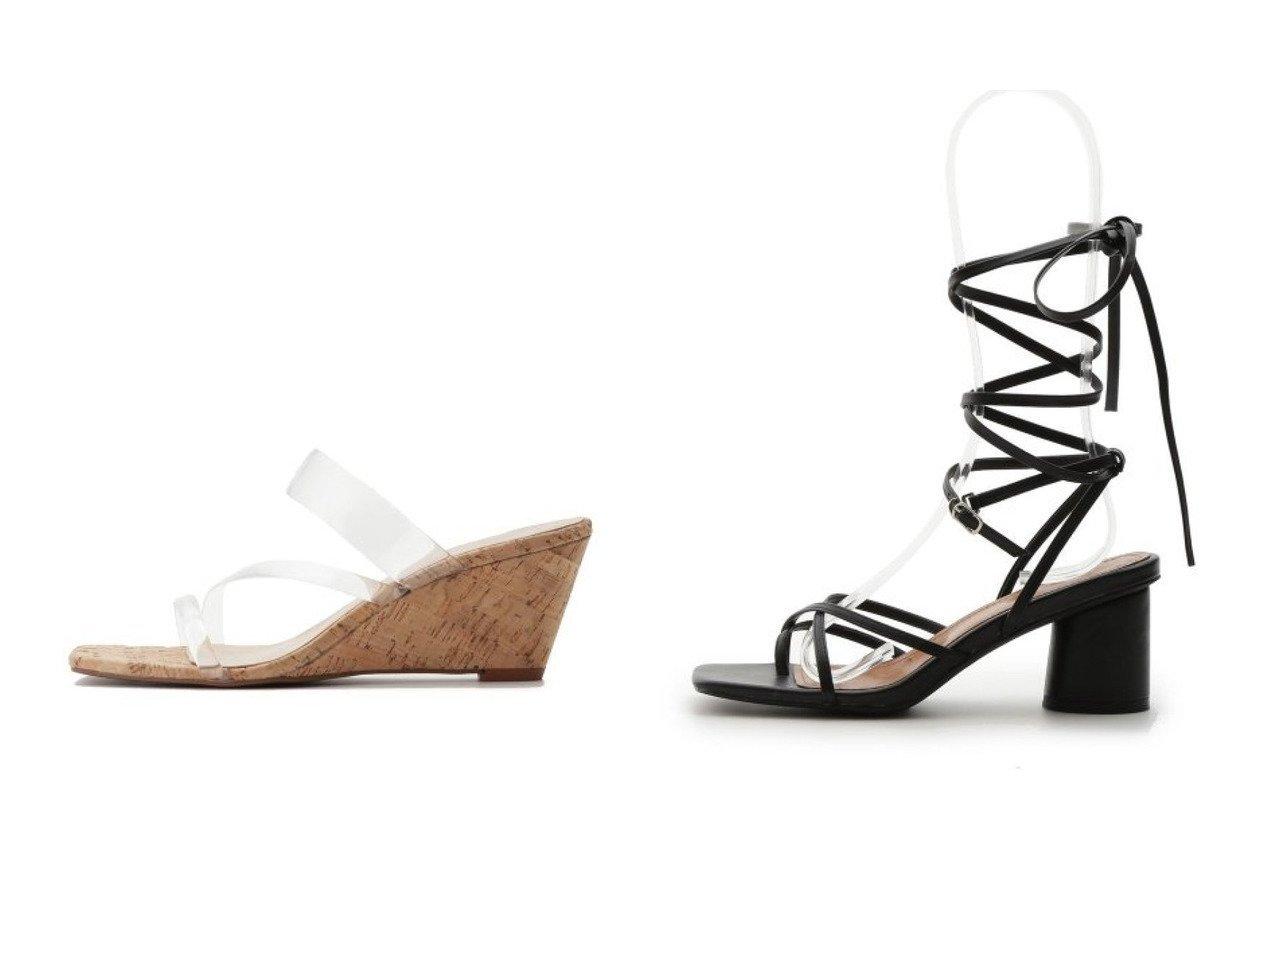 【SNIDEL/スナイデル】のレースアップサンダル&バリエミュール シューズ・靴のおすすめ!人気、トレンド・レディースファッションの通販 おすすめで人気の流行・トレンド、ファッションの通販商品 メンズファッション・キッズファッション・インテリア・家具・レディースファッション・服の通販 founy(ファニー) https://founy.com/ ファッション Fashion レディースファッション WOMEN 1月号 サンダル シューズ シンプル スクエア トレンド ベーシック ミュール ラップ 再入荷 Restock/Back in Stock/Re Arrival |ID:crp329100000011801